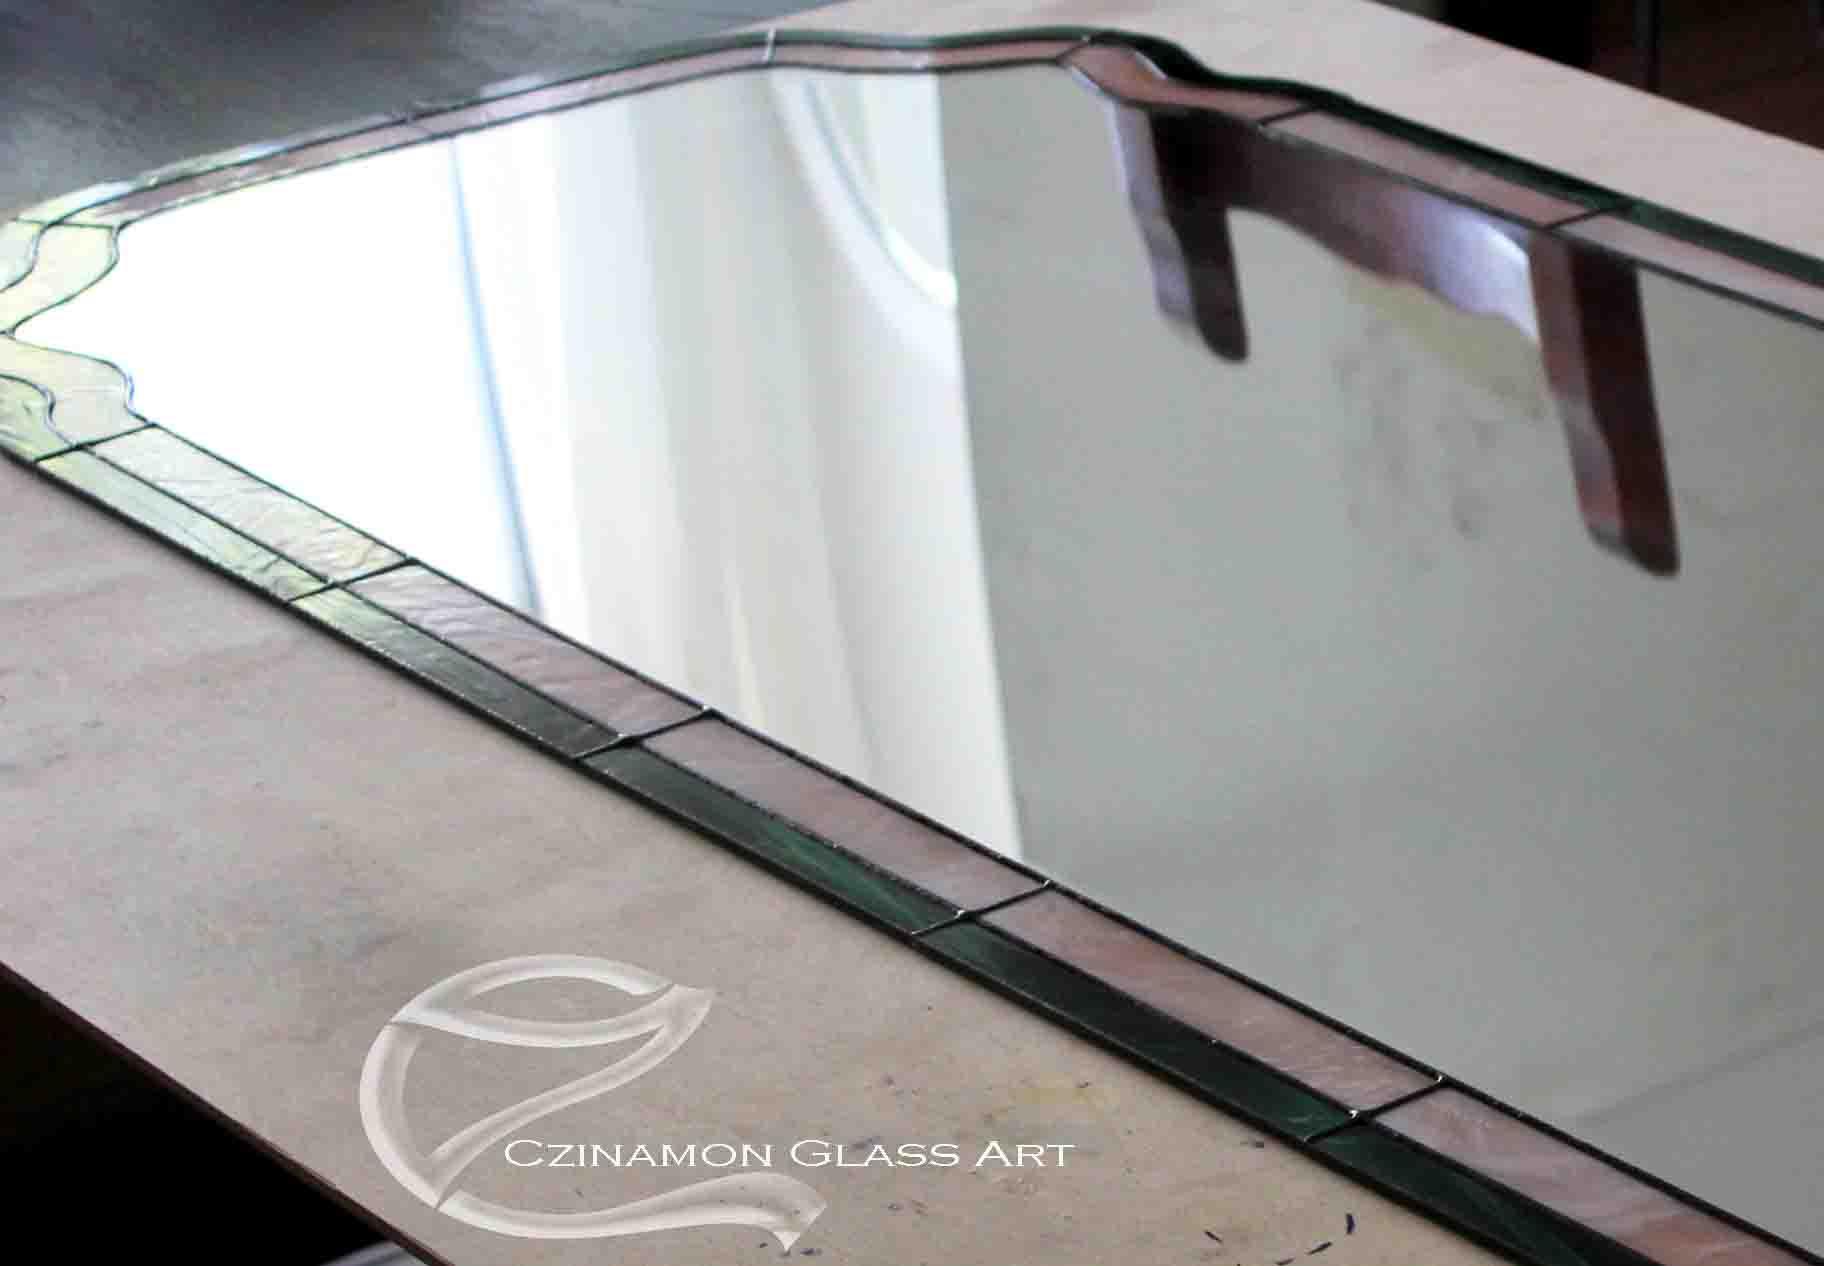 Ennek a tükörnek a sarkát kellett megjavítani